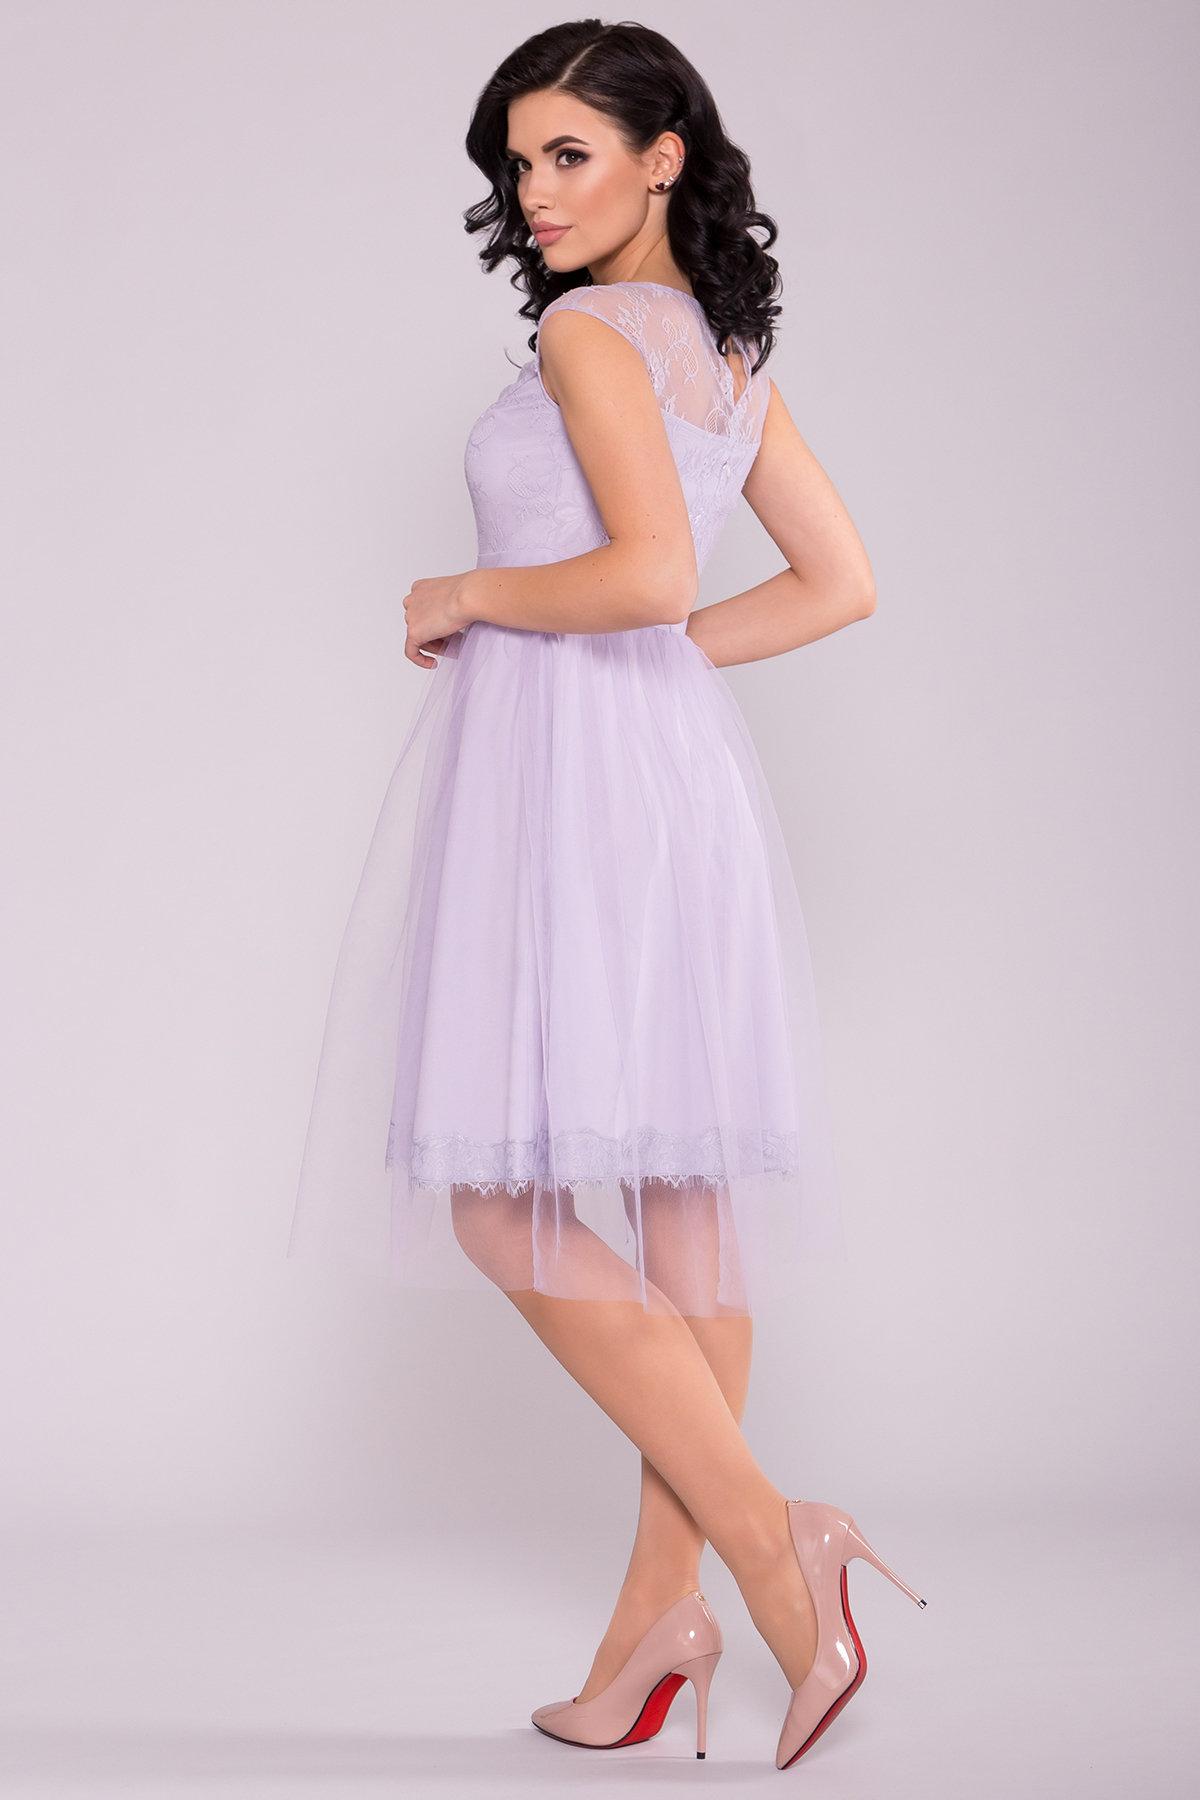 Платье Амур 6872 АРТ. 41986 Цвет: Серо-голубой/серо-голубой - фото 3, интернет магазин tm-modus.ru